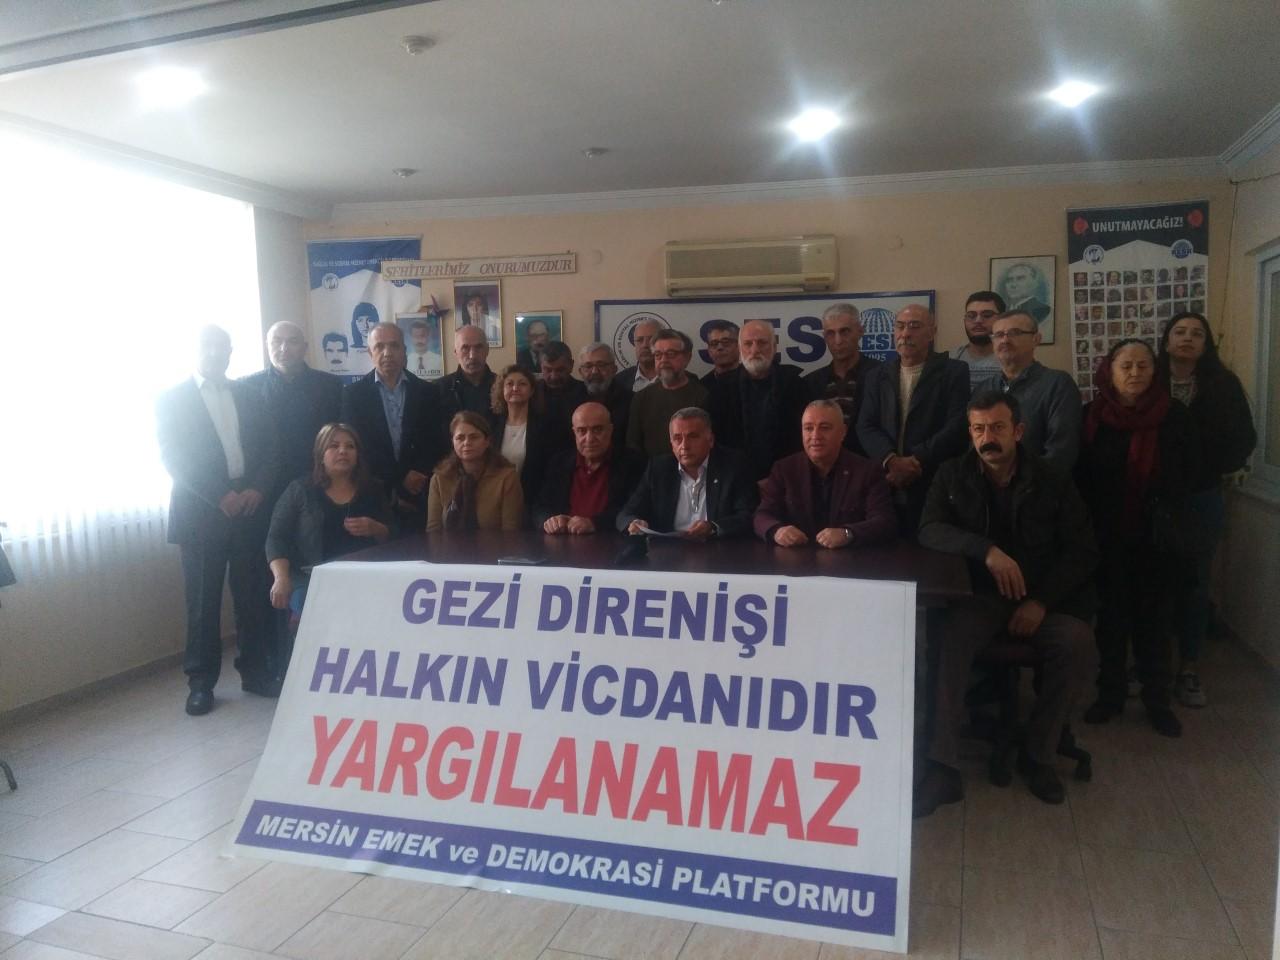 Mersin Emek ve Demokrasi Platformu: Gezi Yargılanamaz, Gezi Şehitleri Onurumuzdur